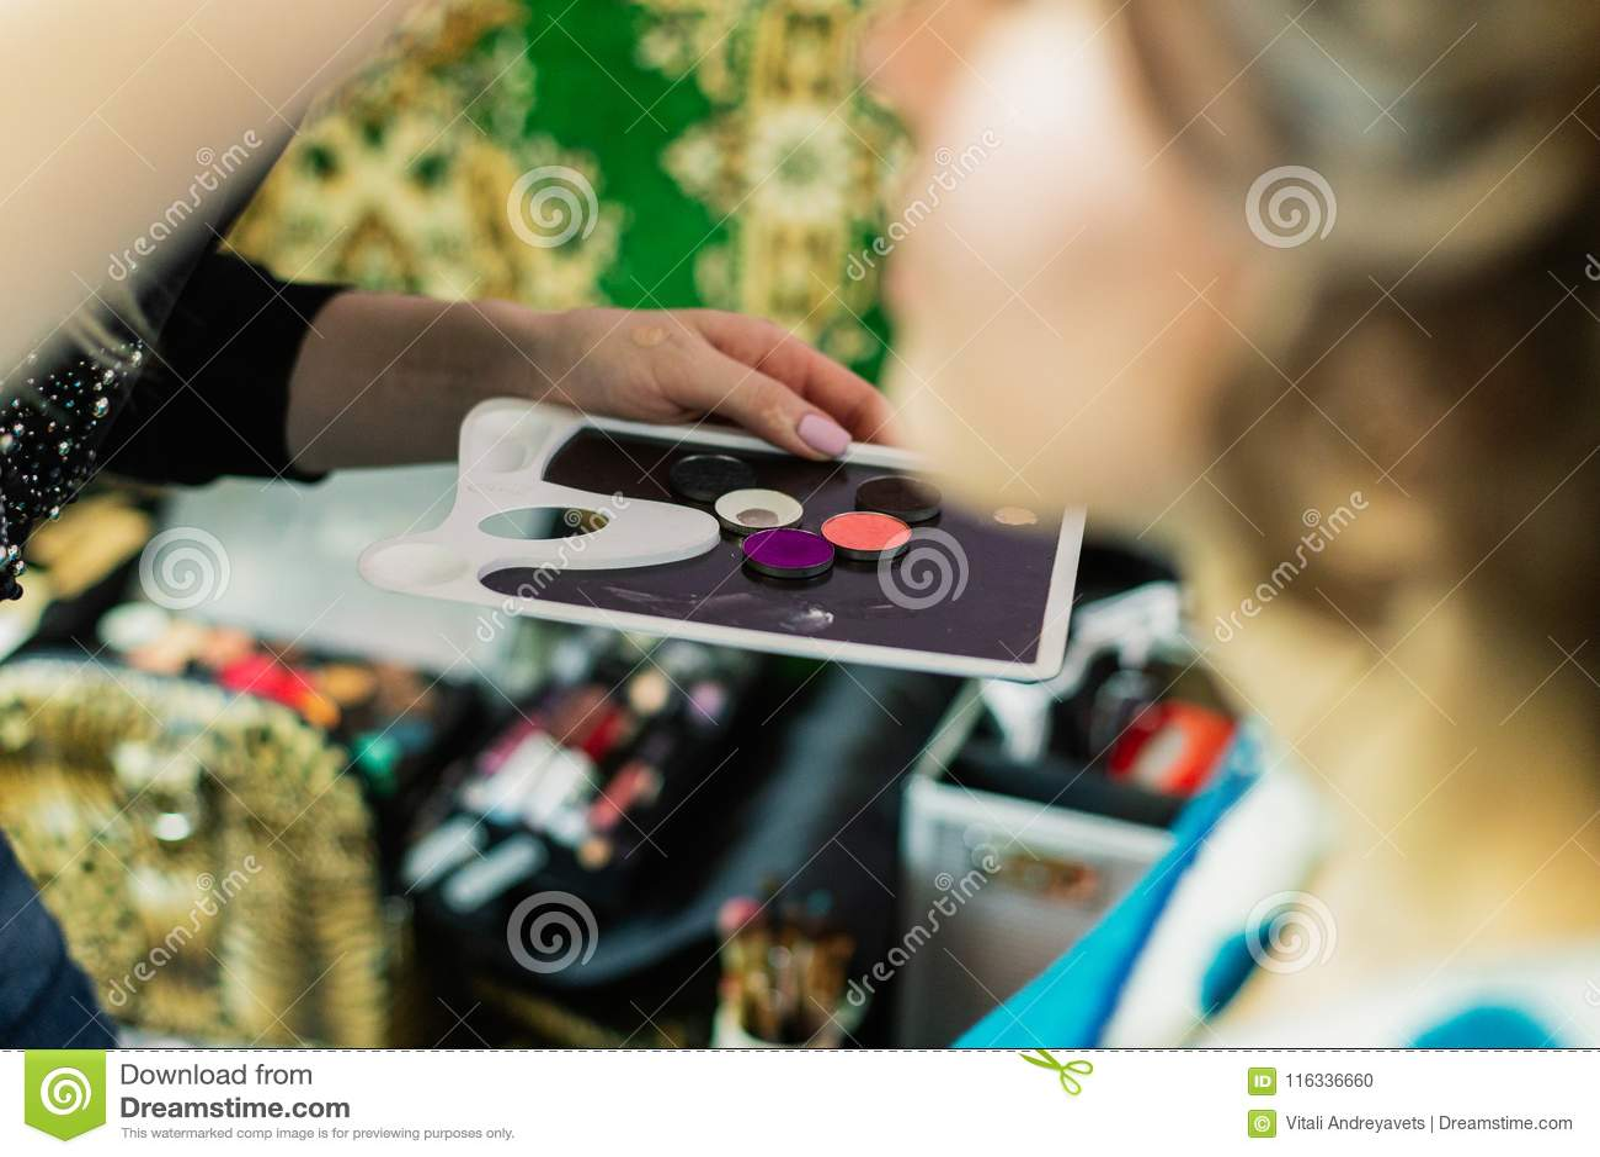 Makeup narzędzie w rękach kobieta która robi makeup